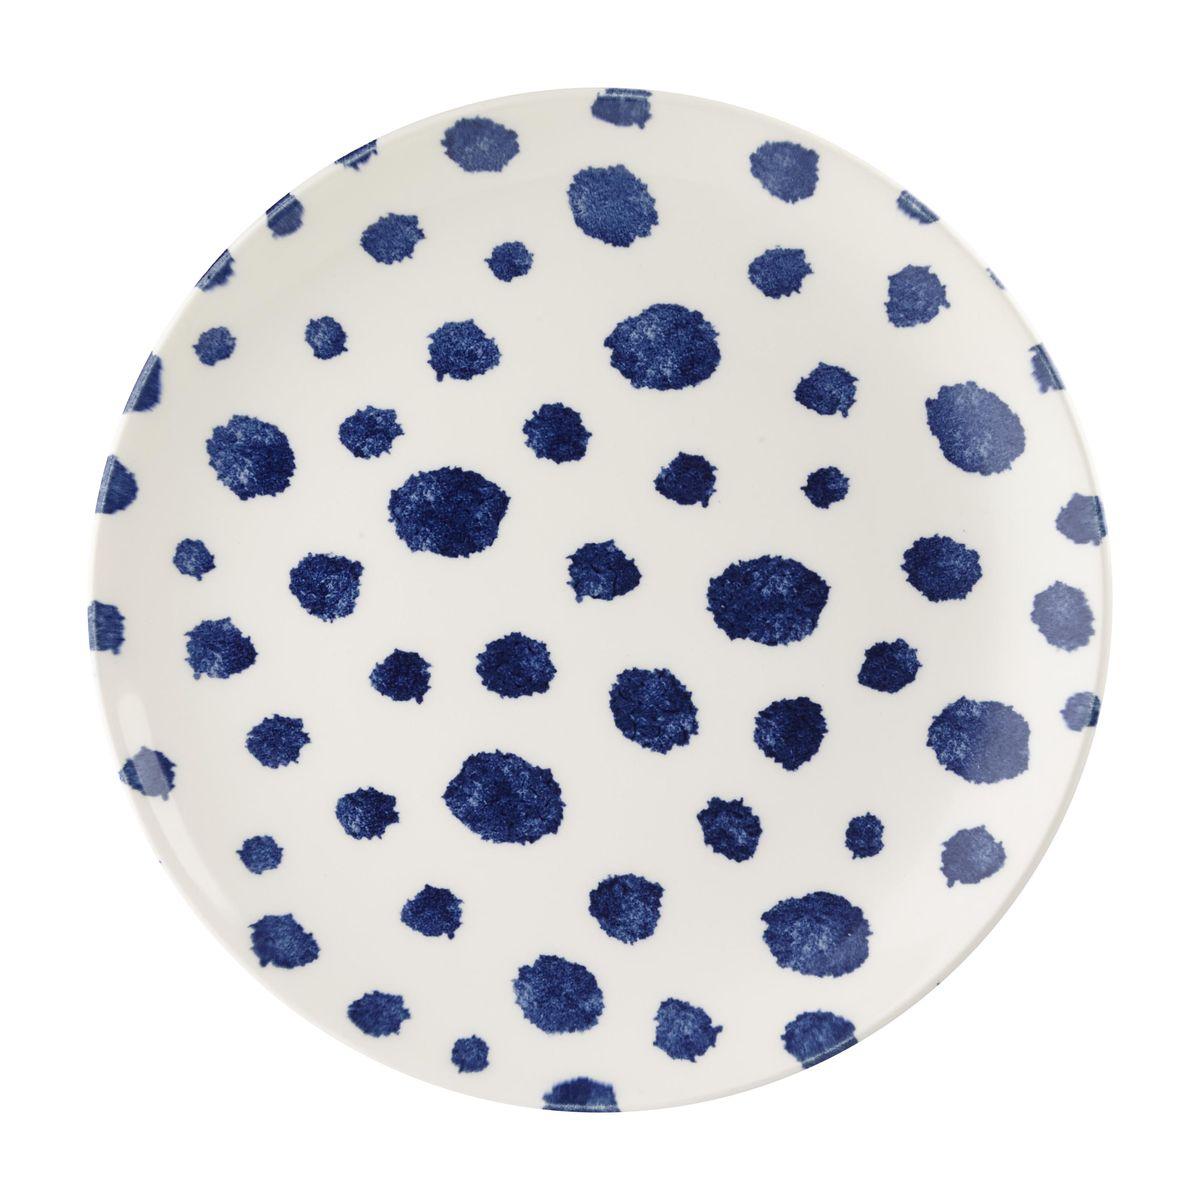 Тарелка десертная Churchill Инки, диаметр 20,5 см. INKI0002154 009312Десертная тарелка Churchill Инки, изготовленная из высококачественного фаянса, имеет классическую круглую форму. Она прекрасно впишется в интерьер вашей кухни и станет достойным дополнением к кухонному инвентарю. Десертная тарелка Churchill Инки подчеркнет прекрасный вкус хозяйки и станет отличным подарком.Диаметр тарелки (по верхнему краю): 20,5 см.